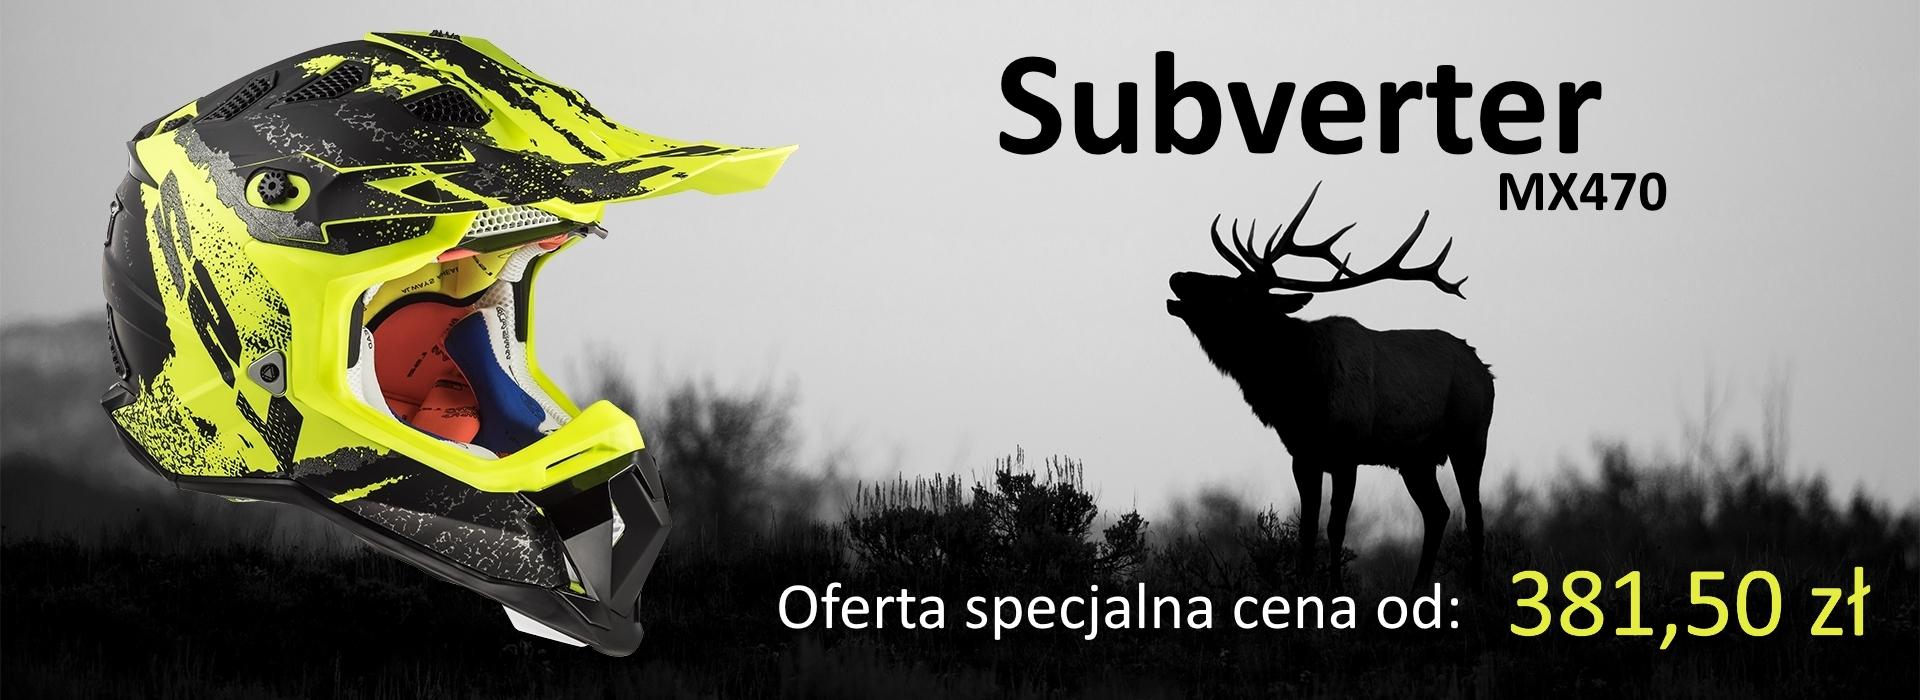 subverter_oferta.jpg